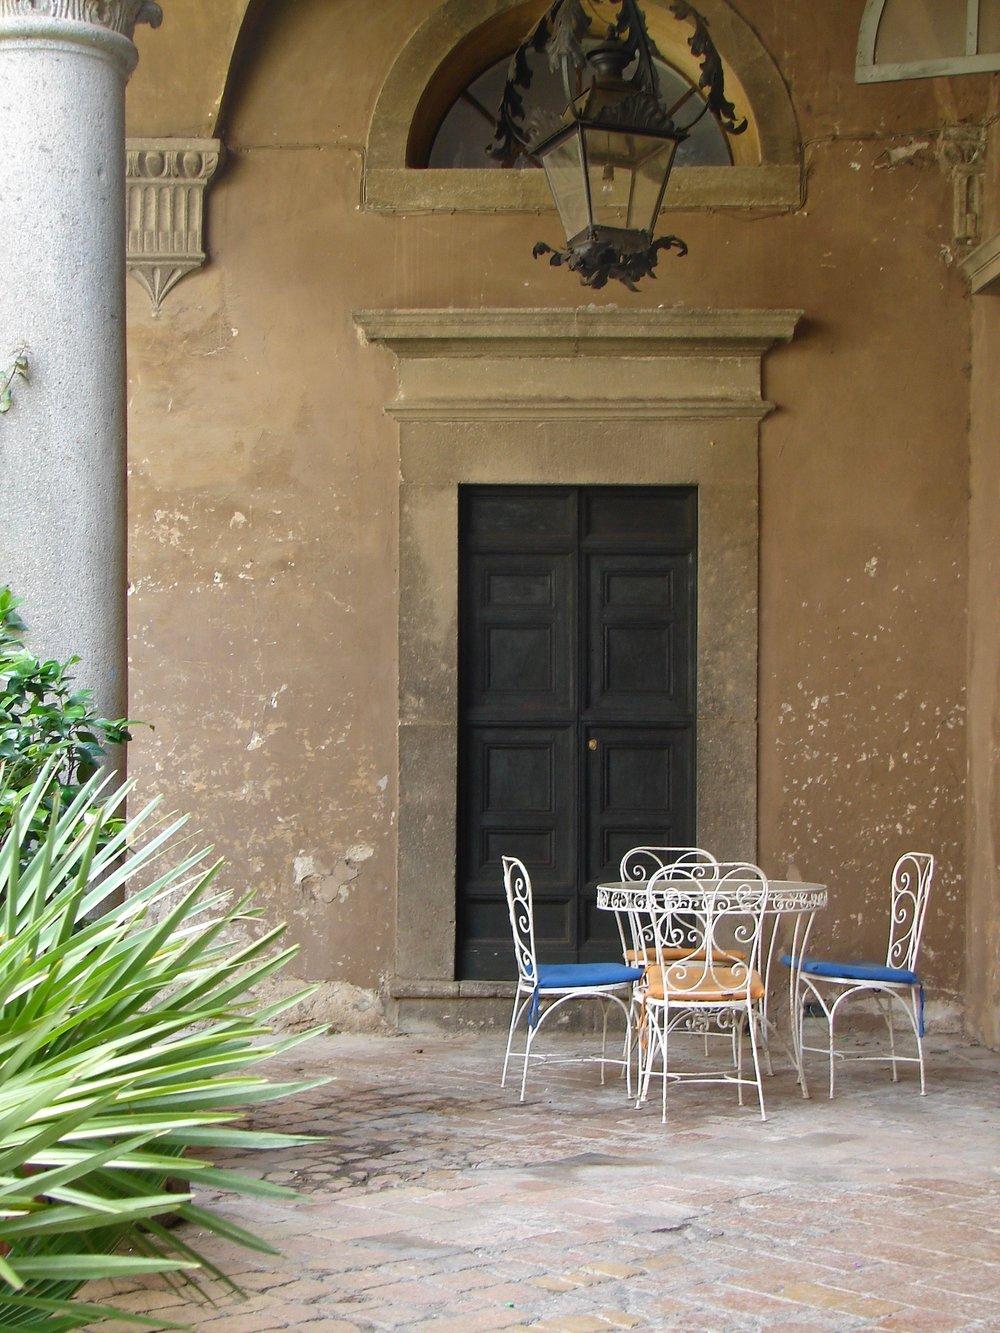 Little outdoor table in front of door to chapel